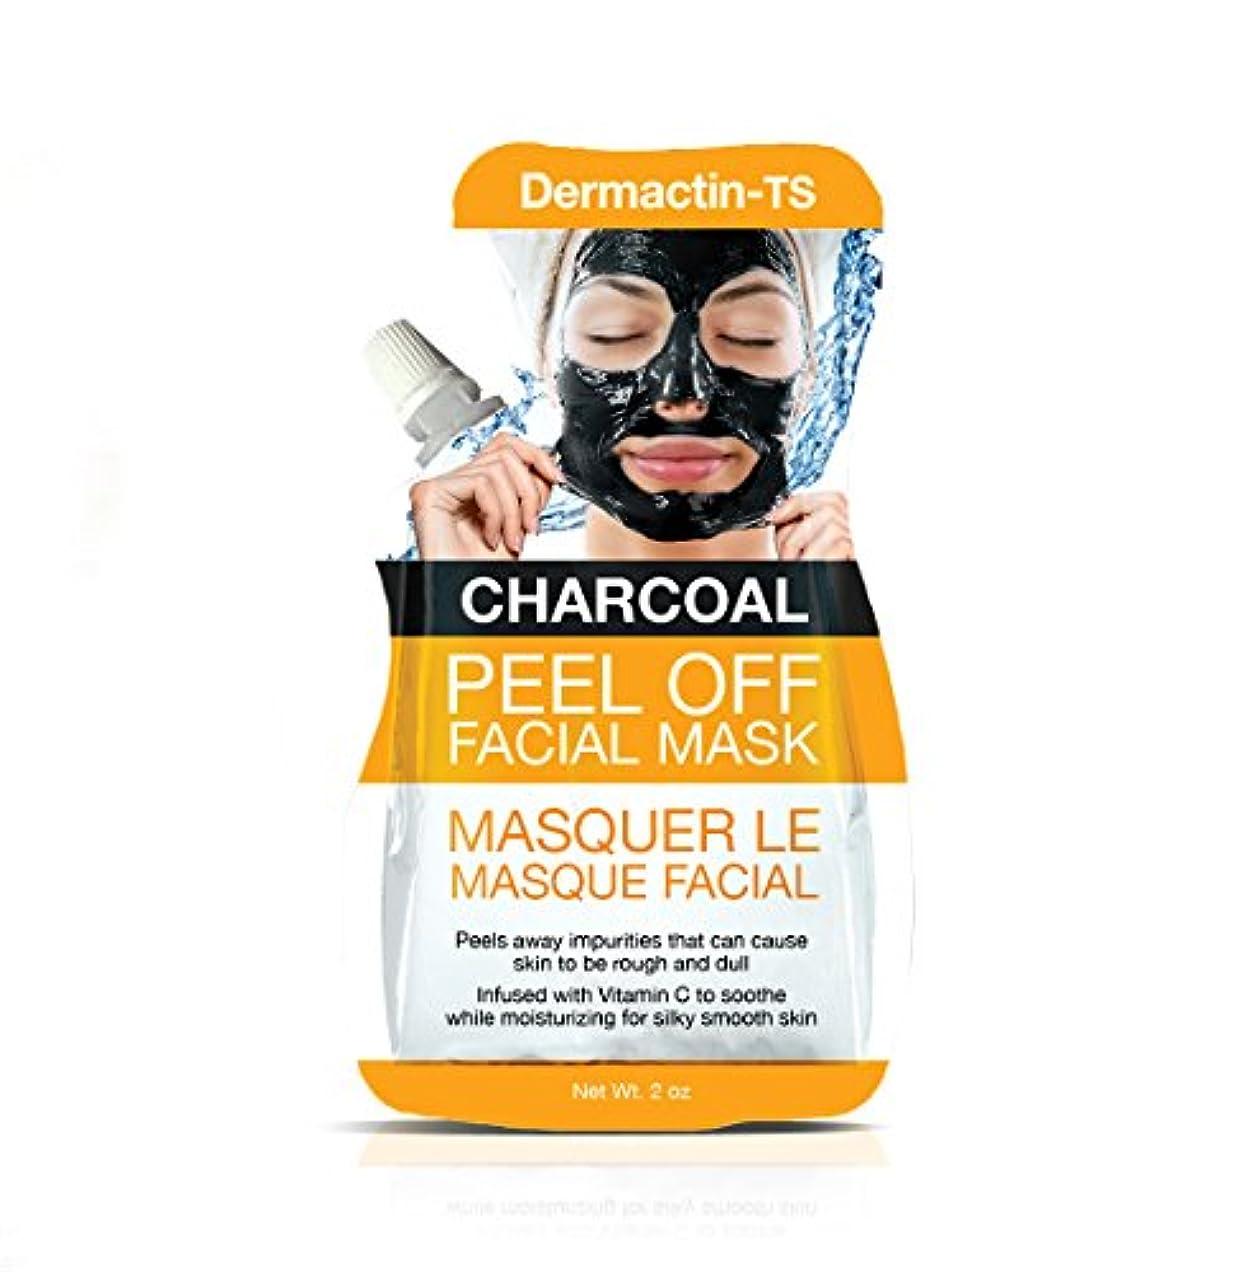 順応性のある熟達したと闘うDermactin-TS フェイシャルマスクを剥がすチャコール50 g (並行輸入品)